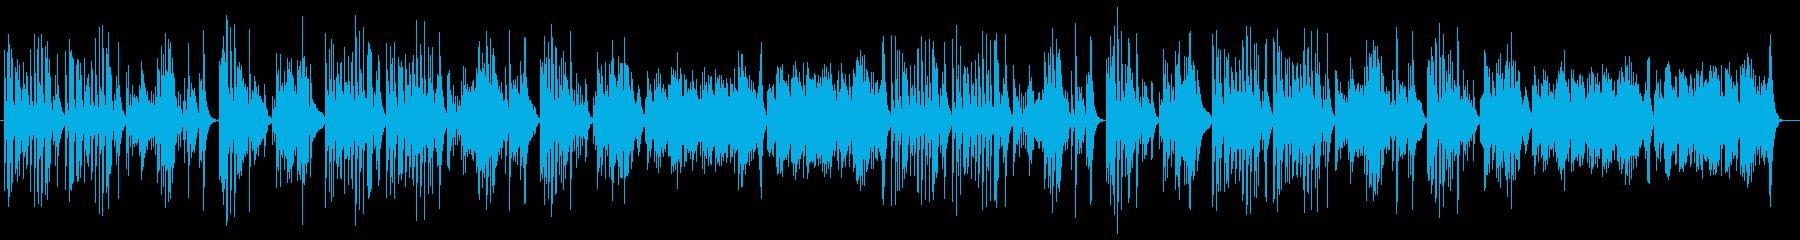 キレよく魅惑的な和風ミュージックの再生済みの波形